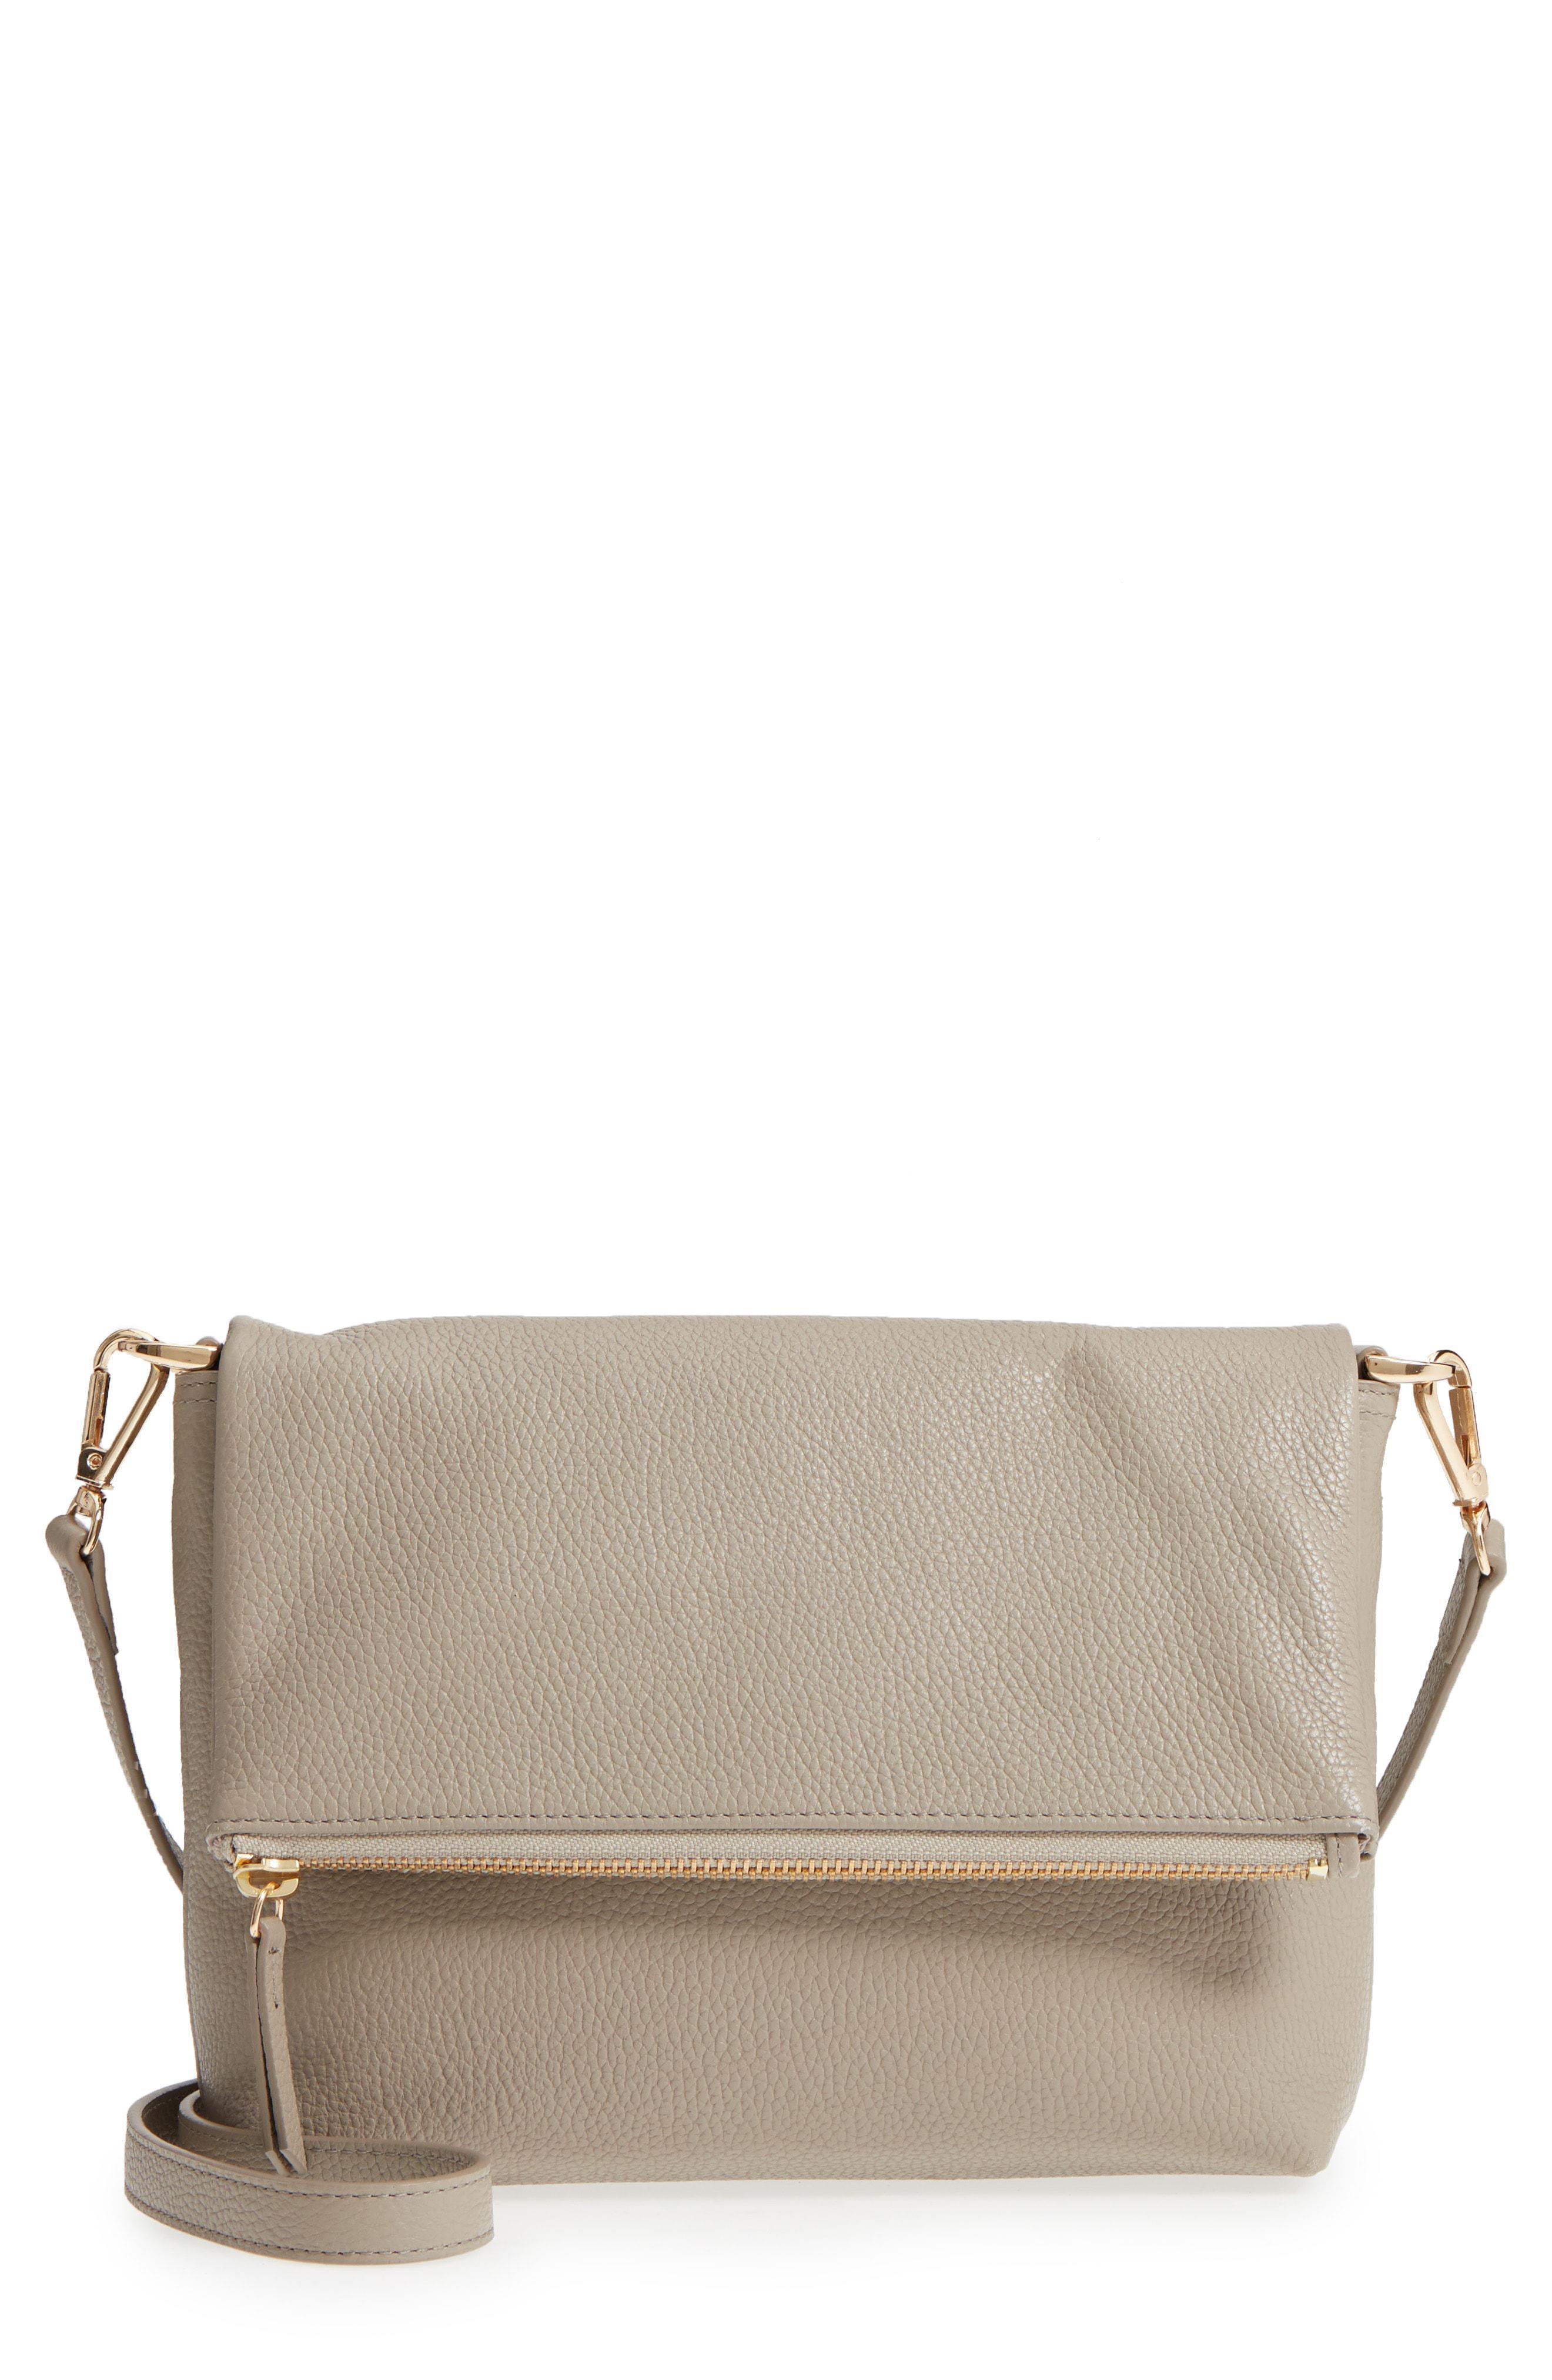 9ef596b0d8e5 Nordstrom Ava Foldover Crossbody Bag in Gray - Lyst